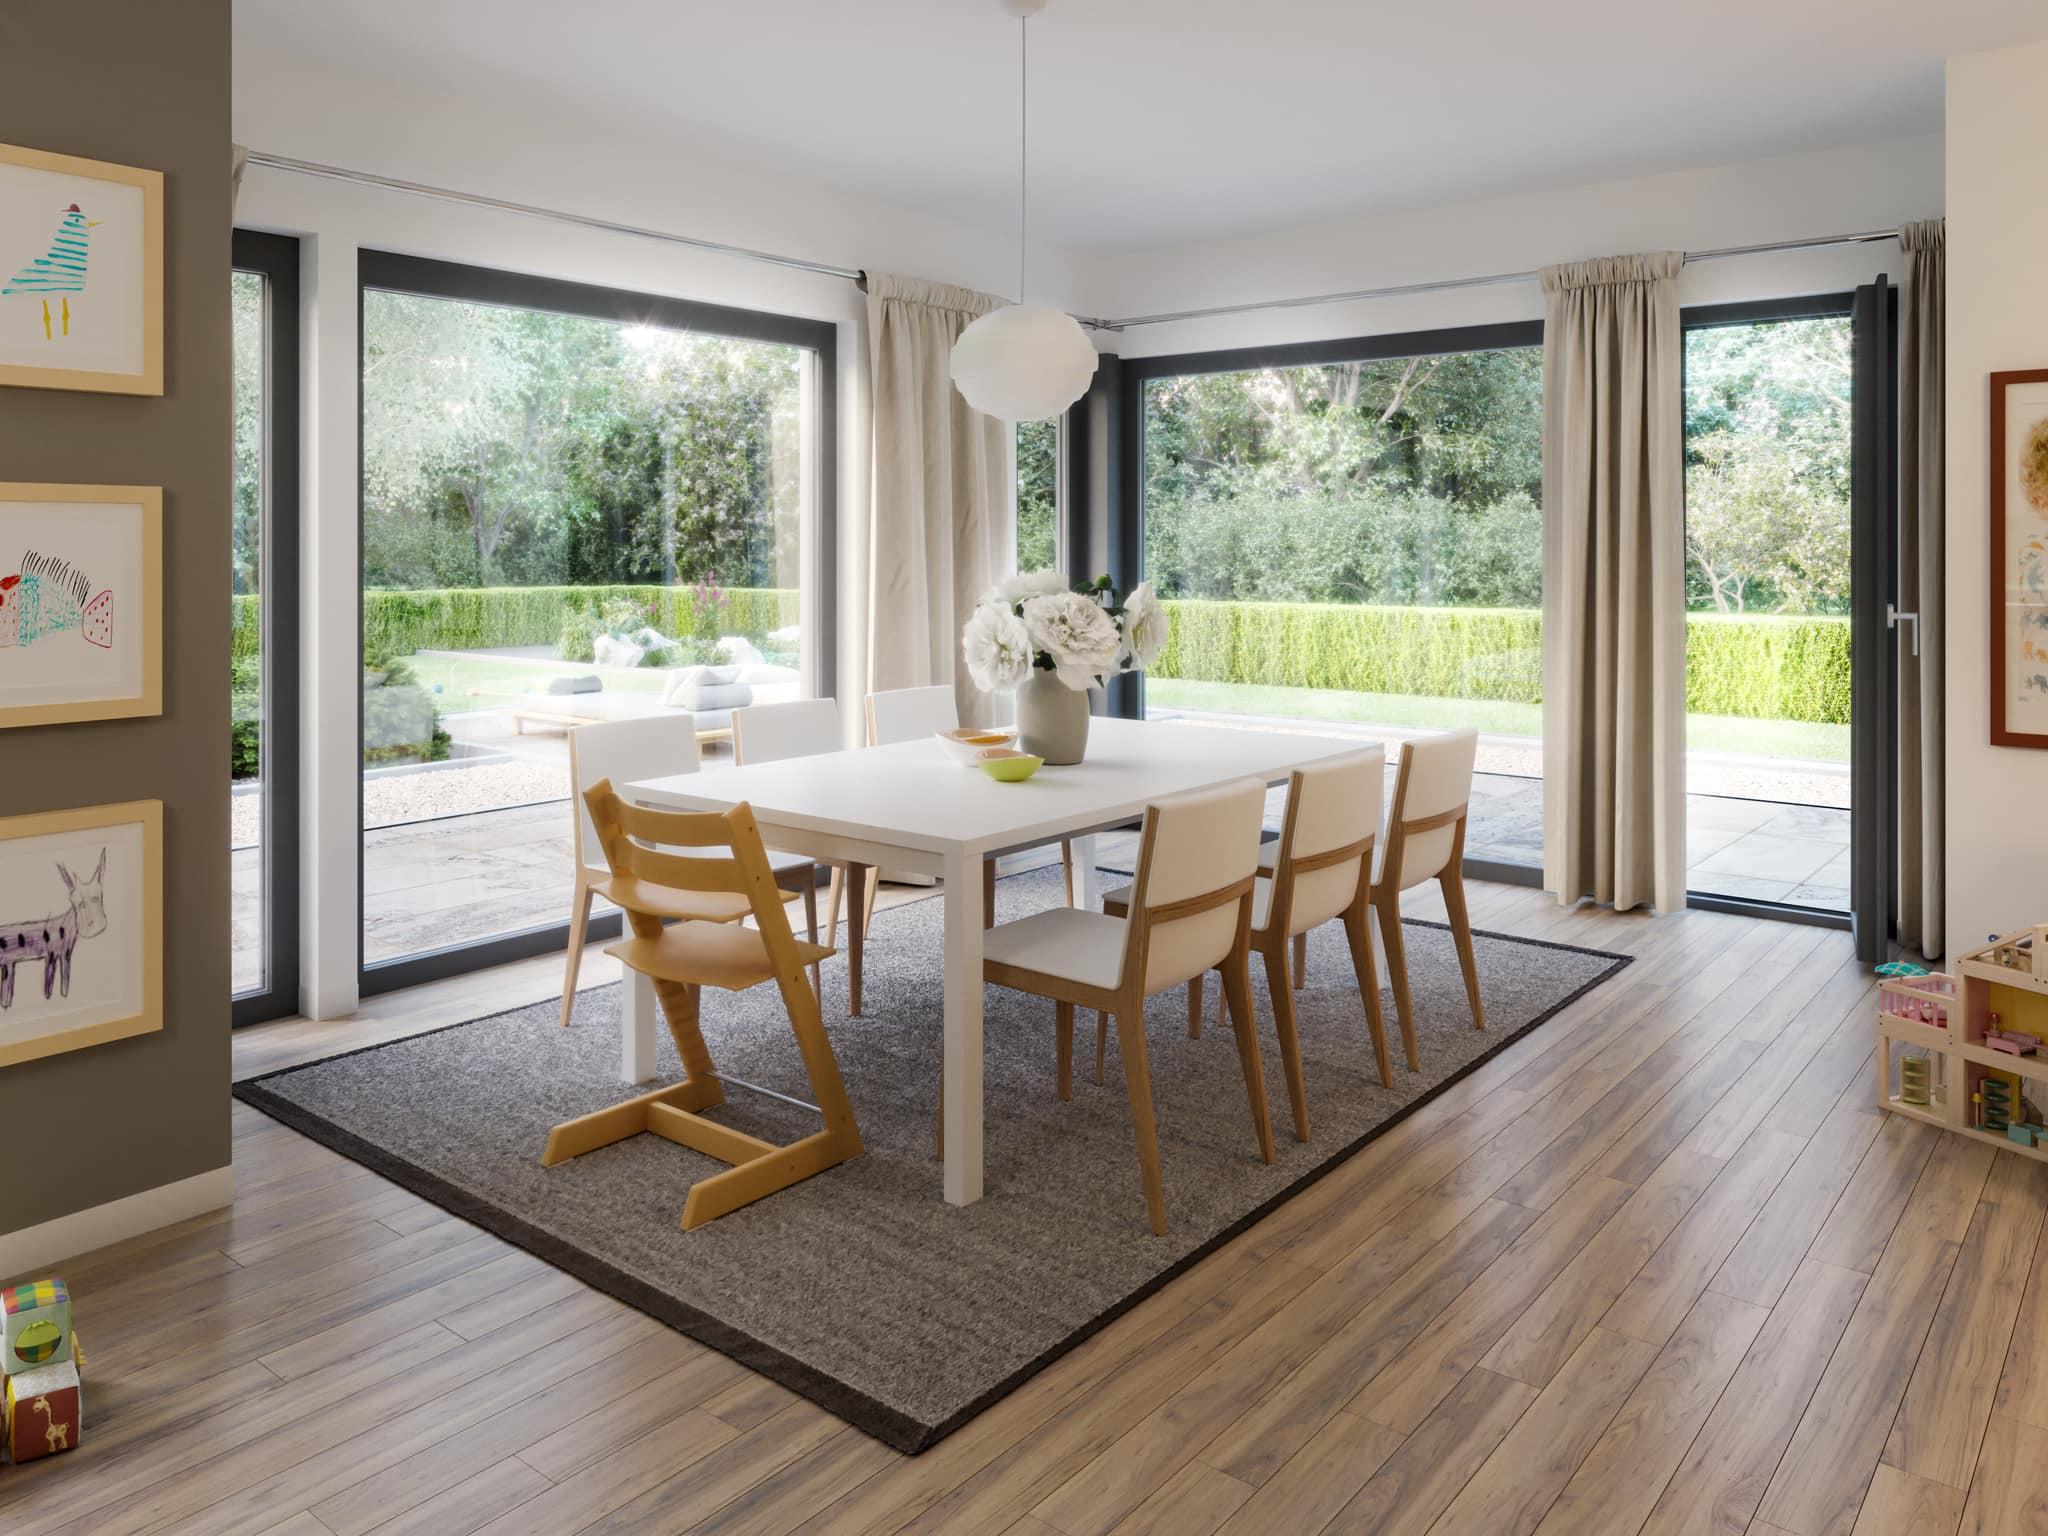 Esszimmer Ideen - Einfamilienhaus Inneneinrichtung Living Haus SUNSHINE 144 V2 - HausbauDirekt.de